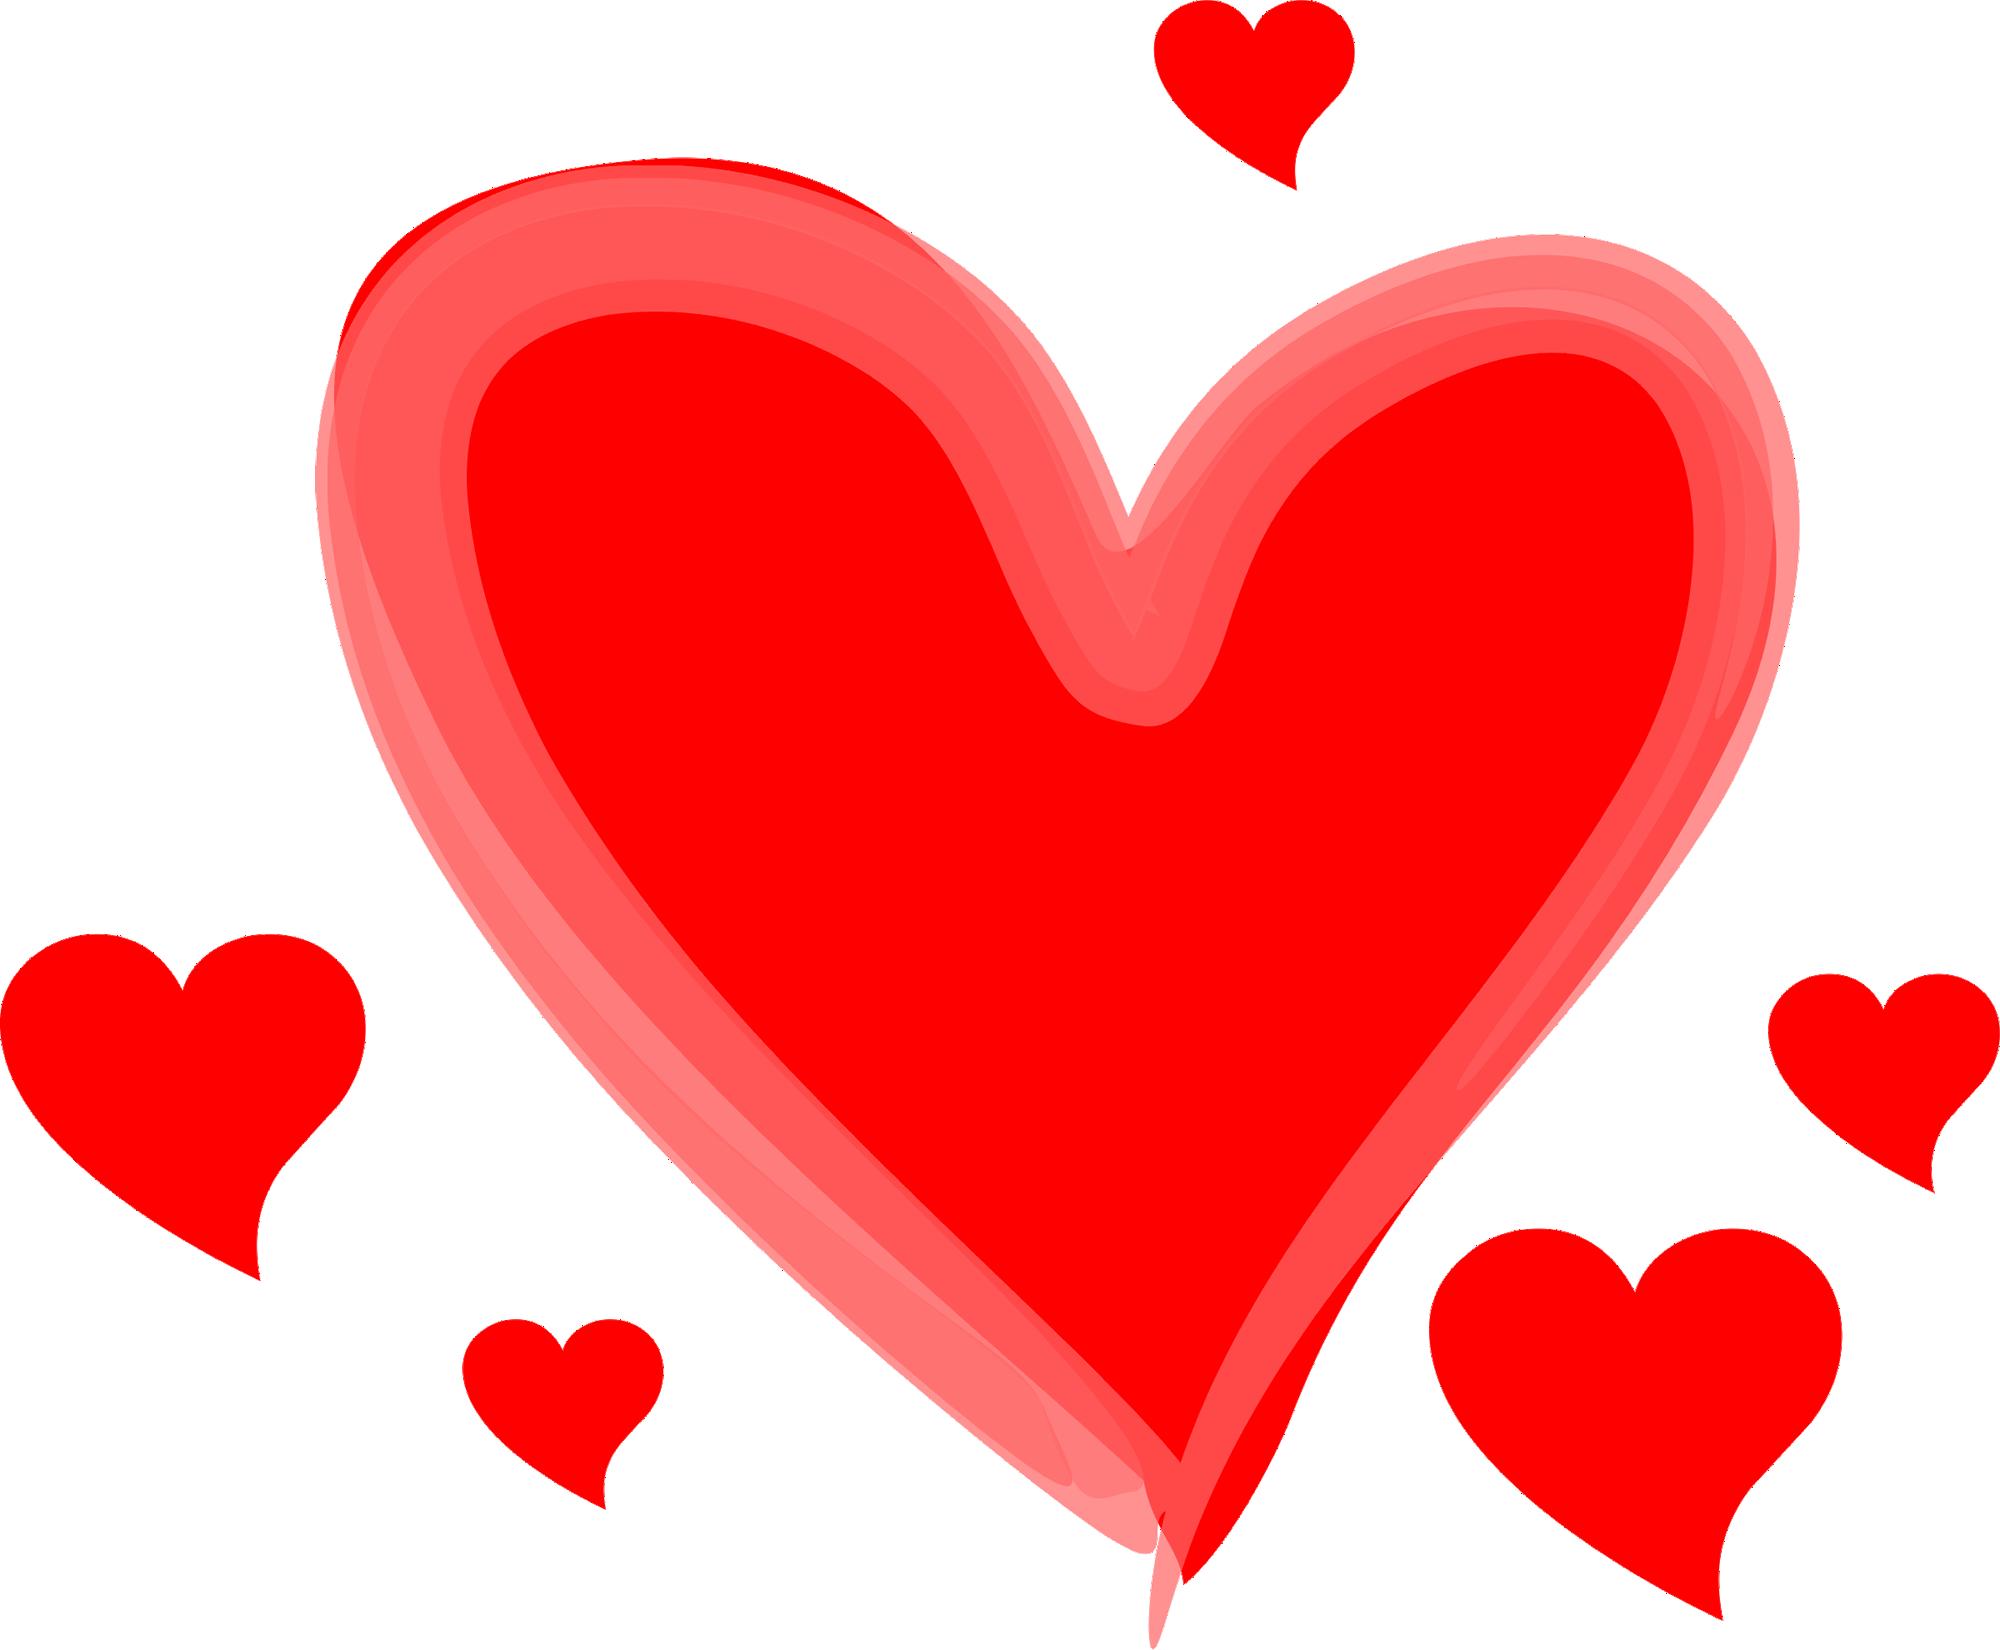 картинка на прозрачном фоне сердце